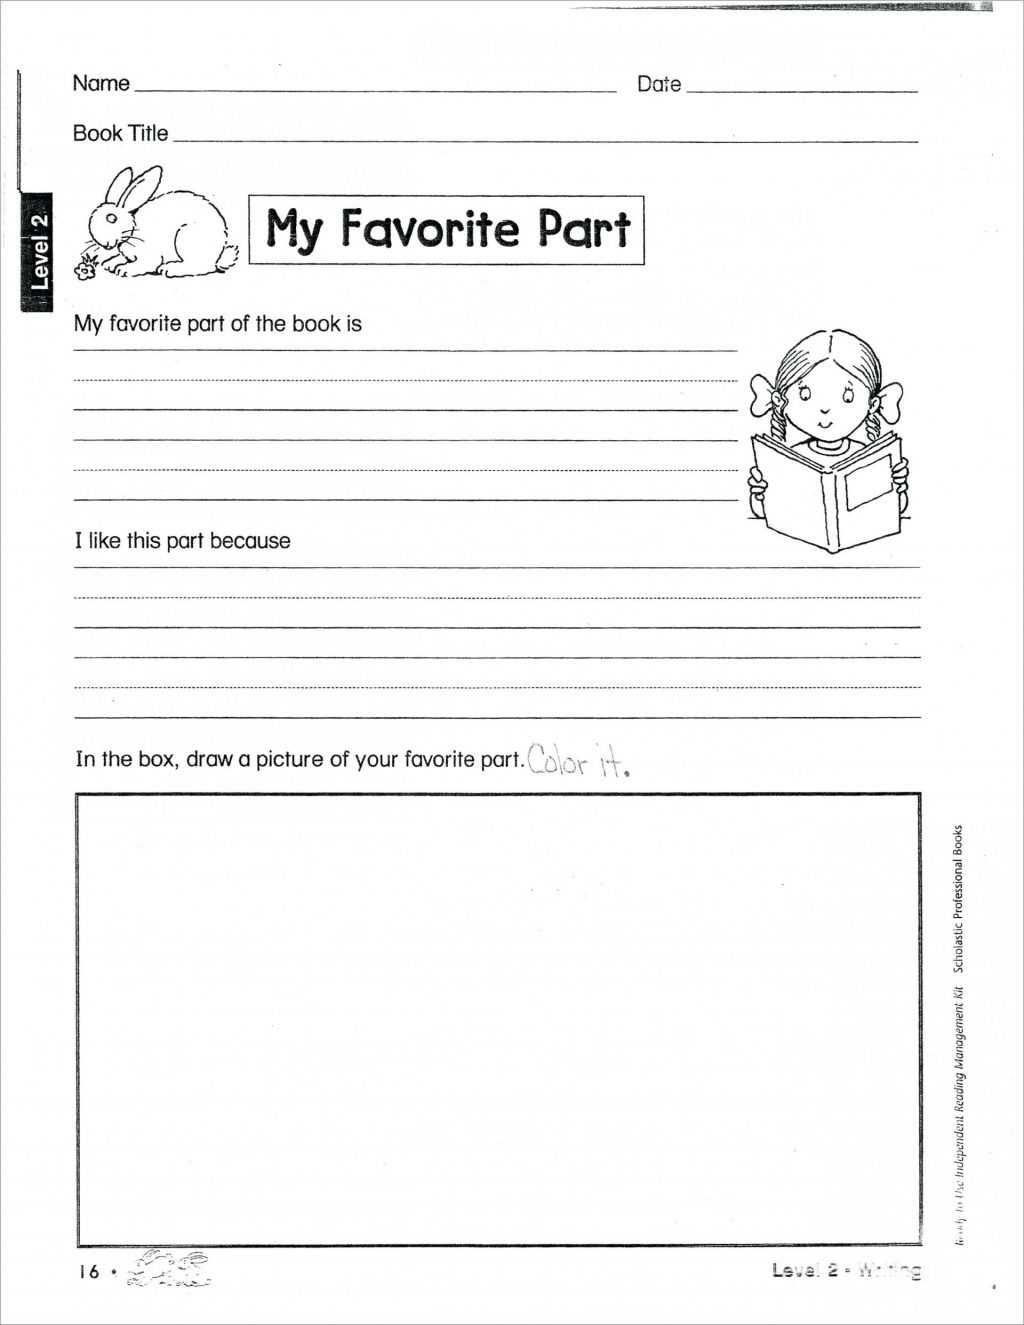 Worksheet Ideas ~ Book Report Template Grade Free Amazing Regarding Book Report Template 2Nd Grade